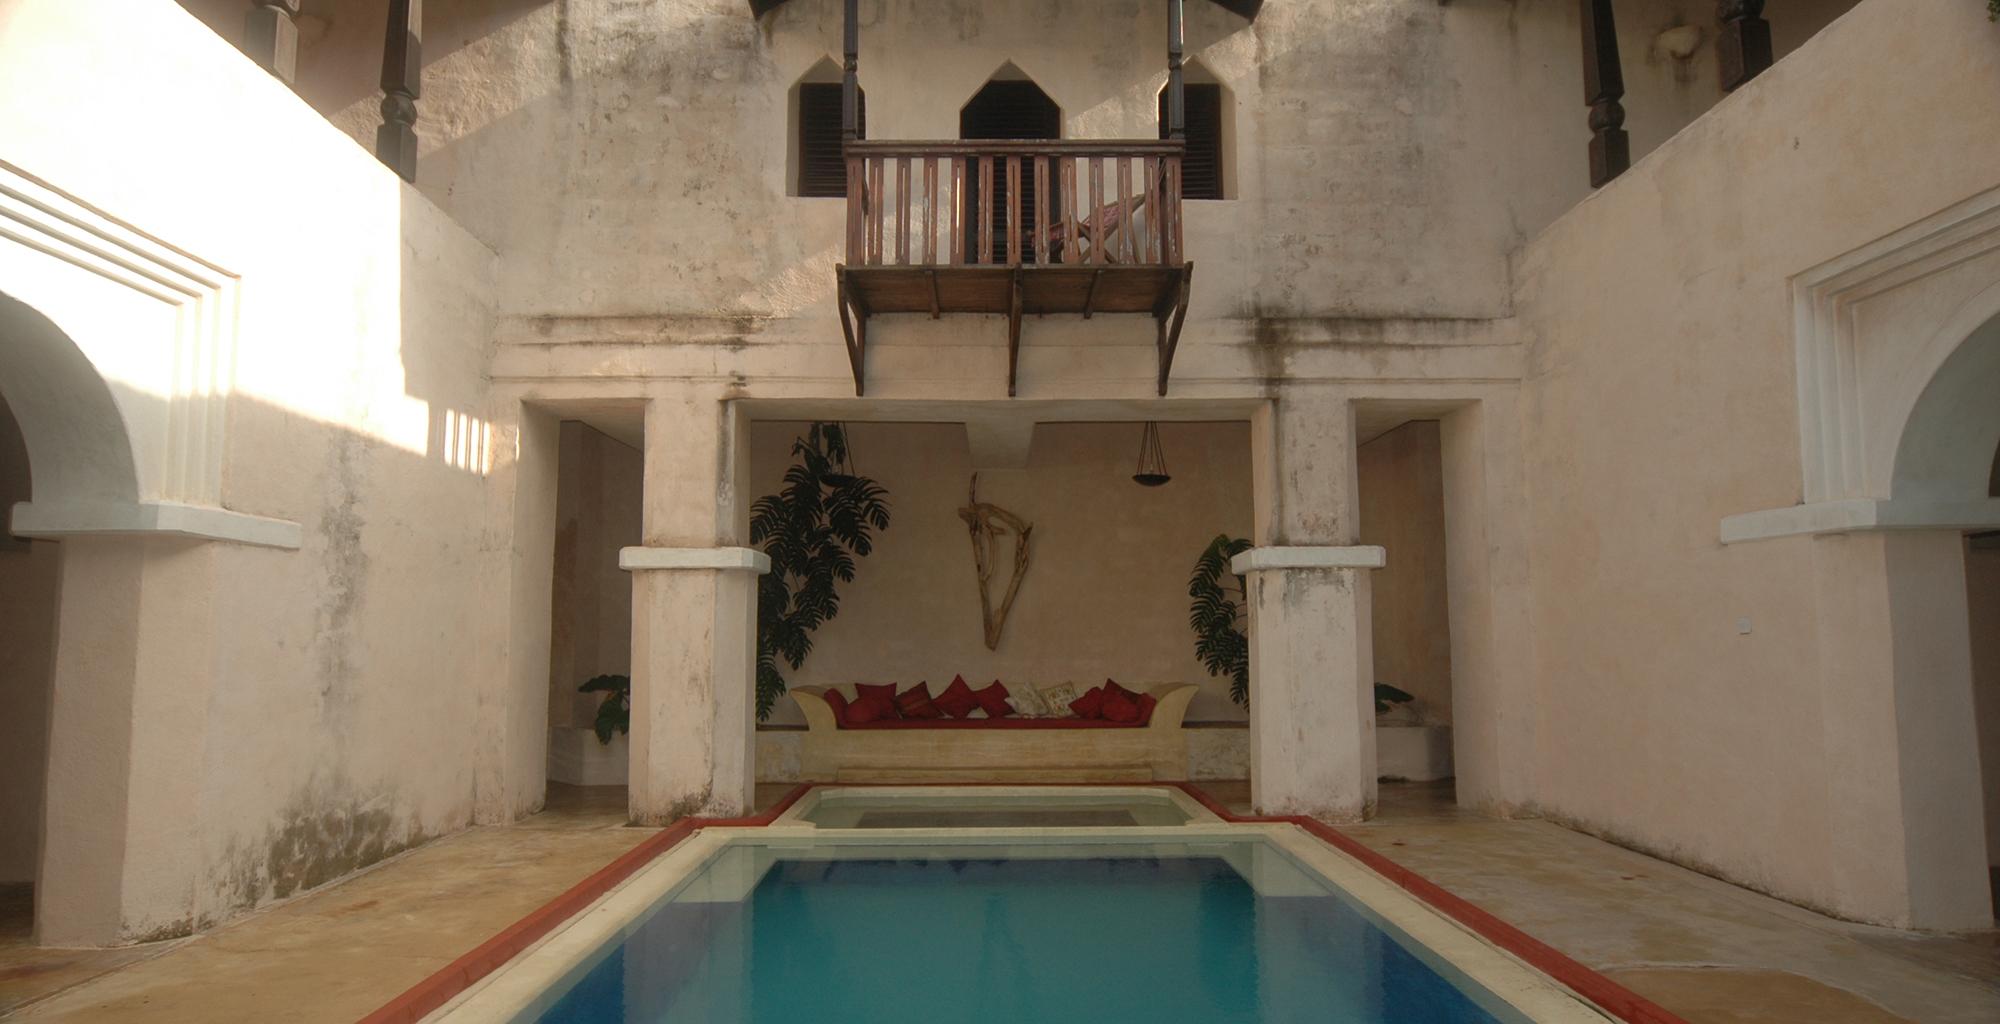 Kenya-The-Fort-Swimming-Pool